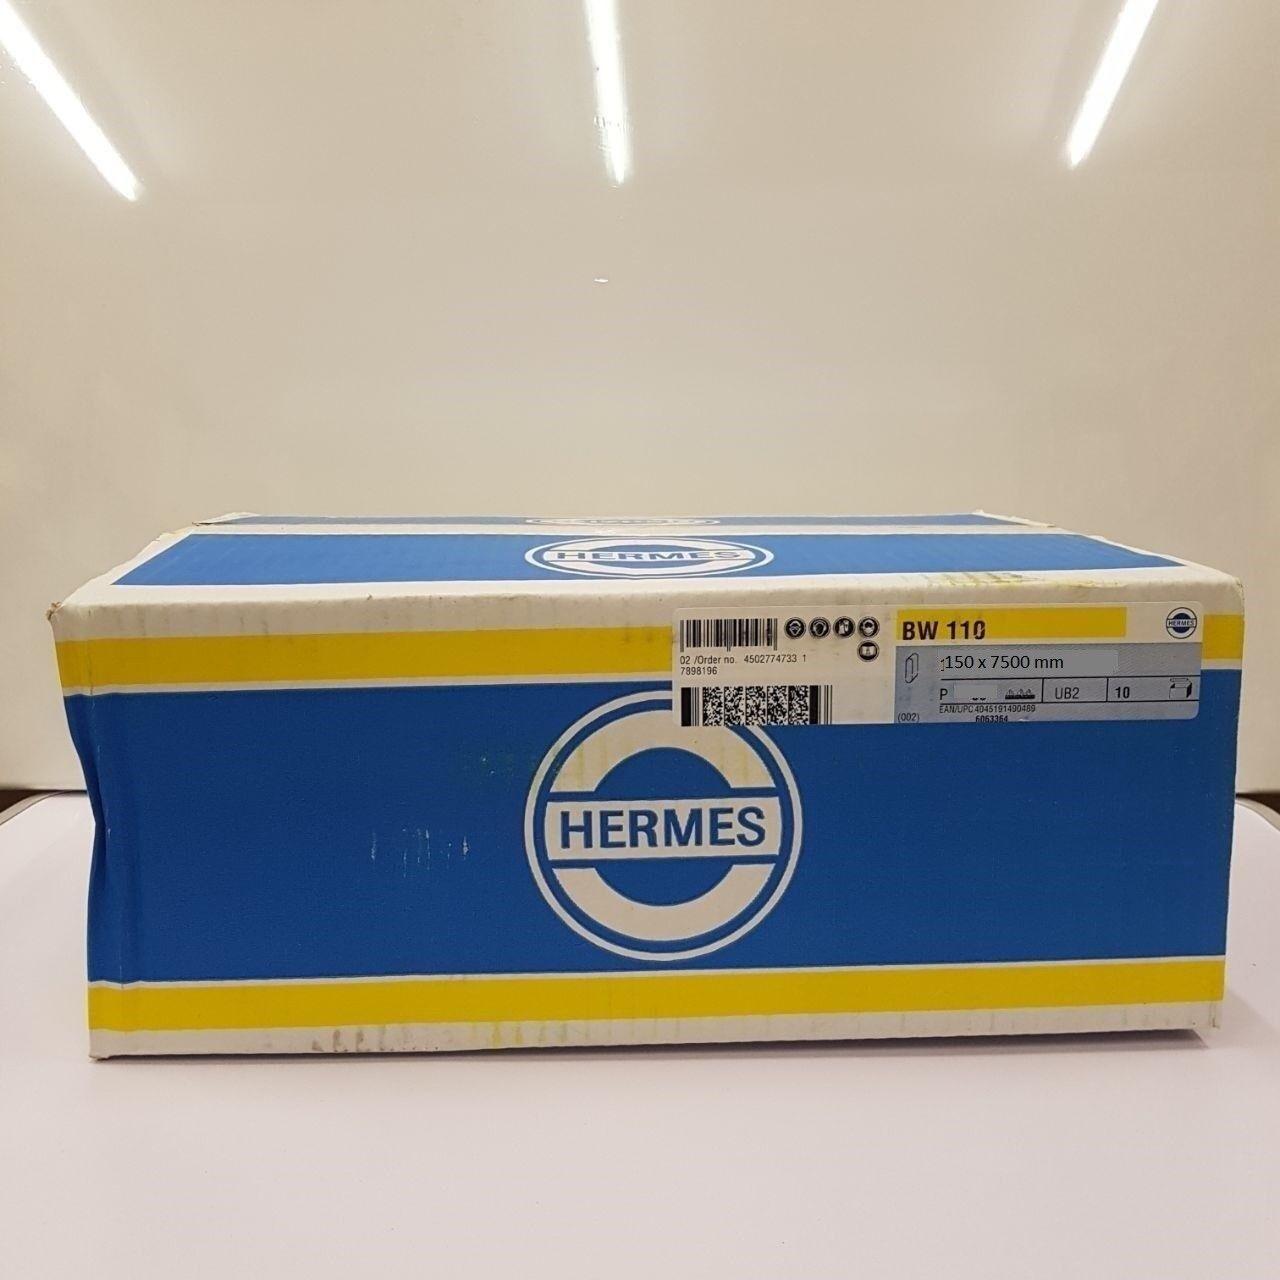 Hermes Schleifbänder BW 110 - 150 x 7500 mm Körnung wählbar VE- 10 Bänder